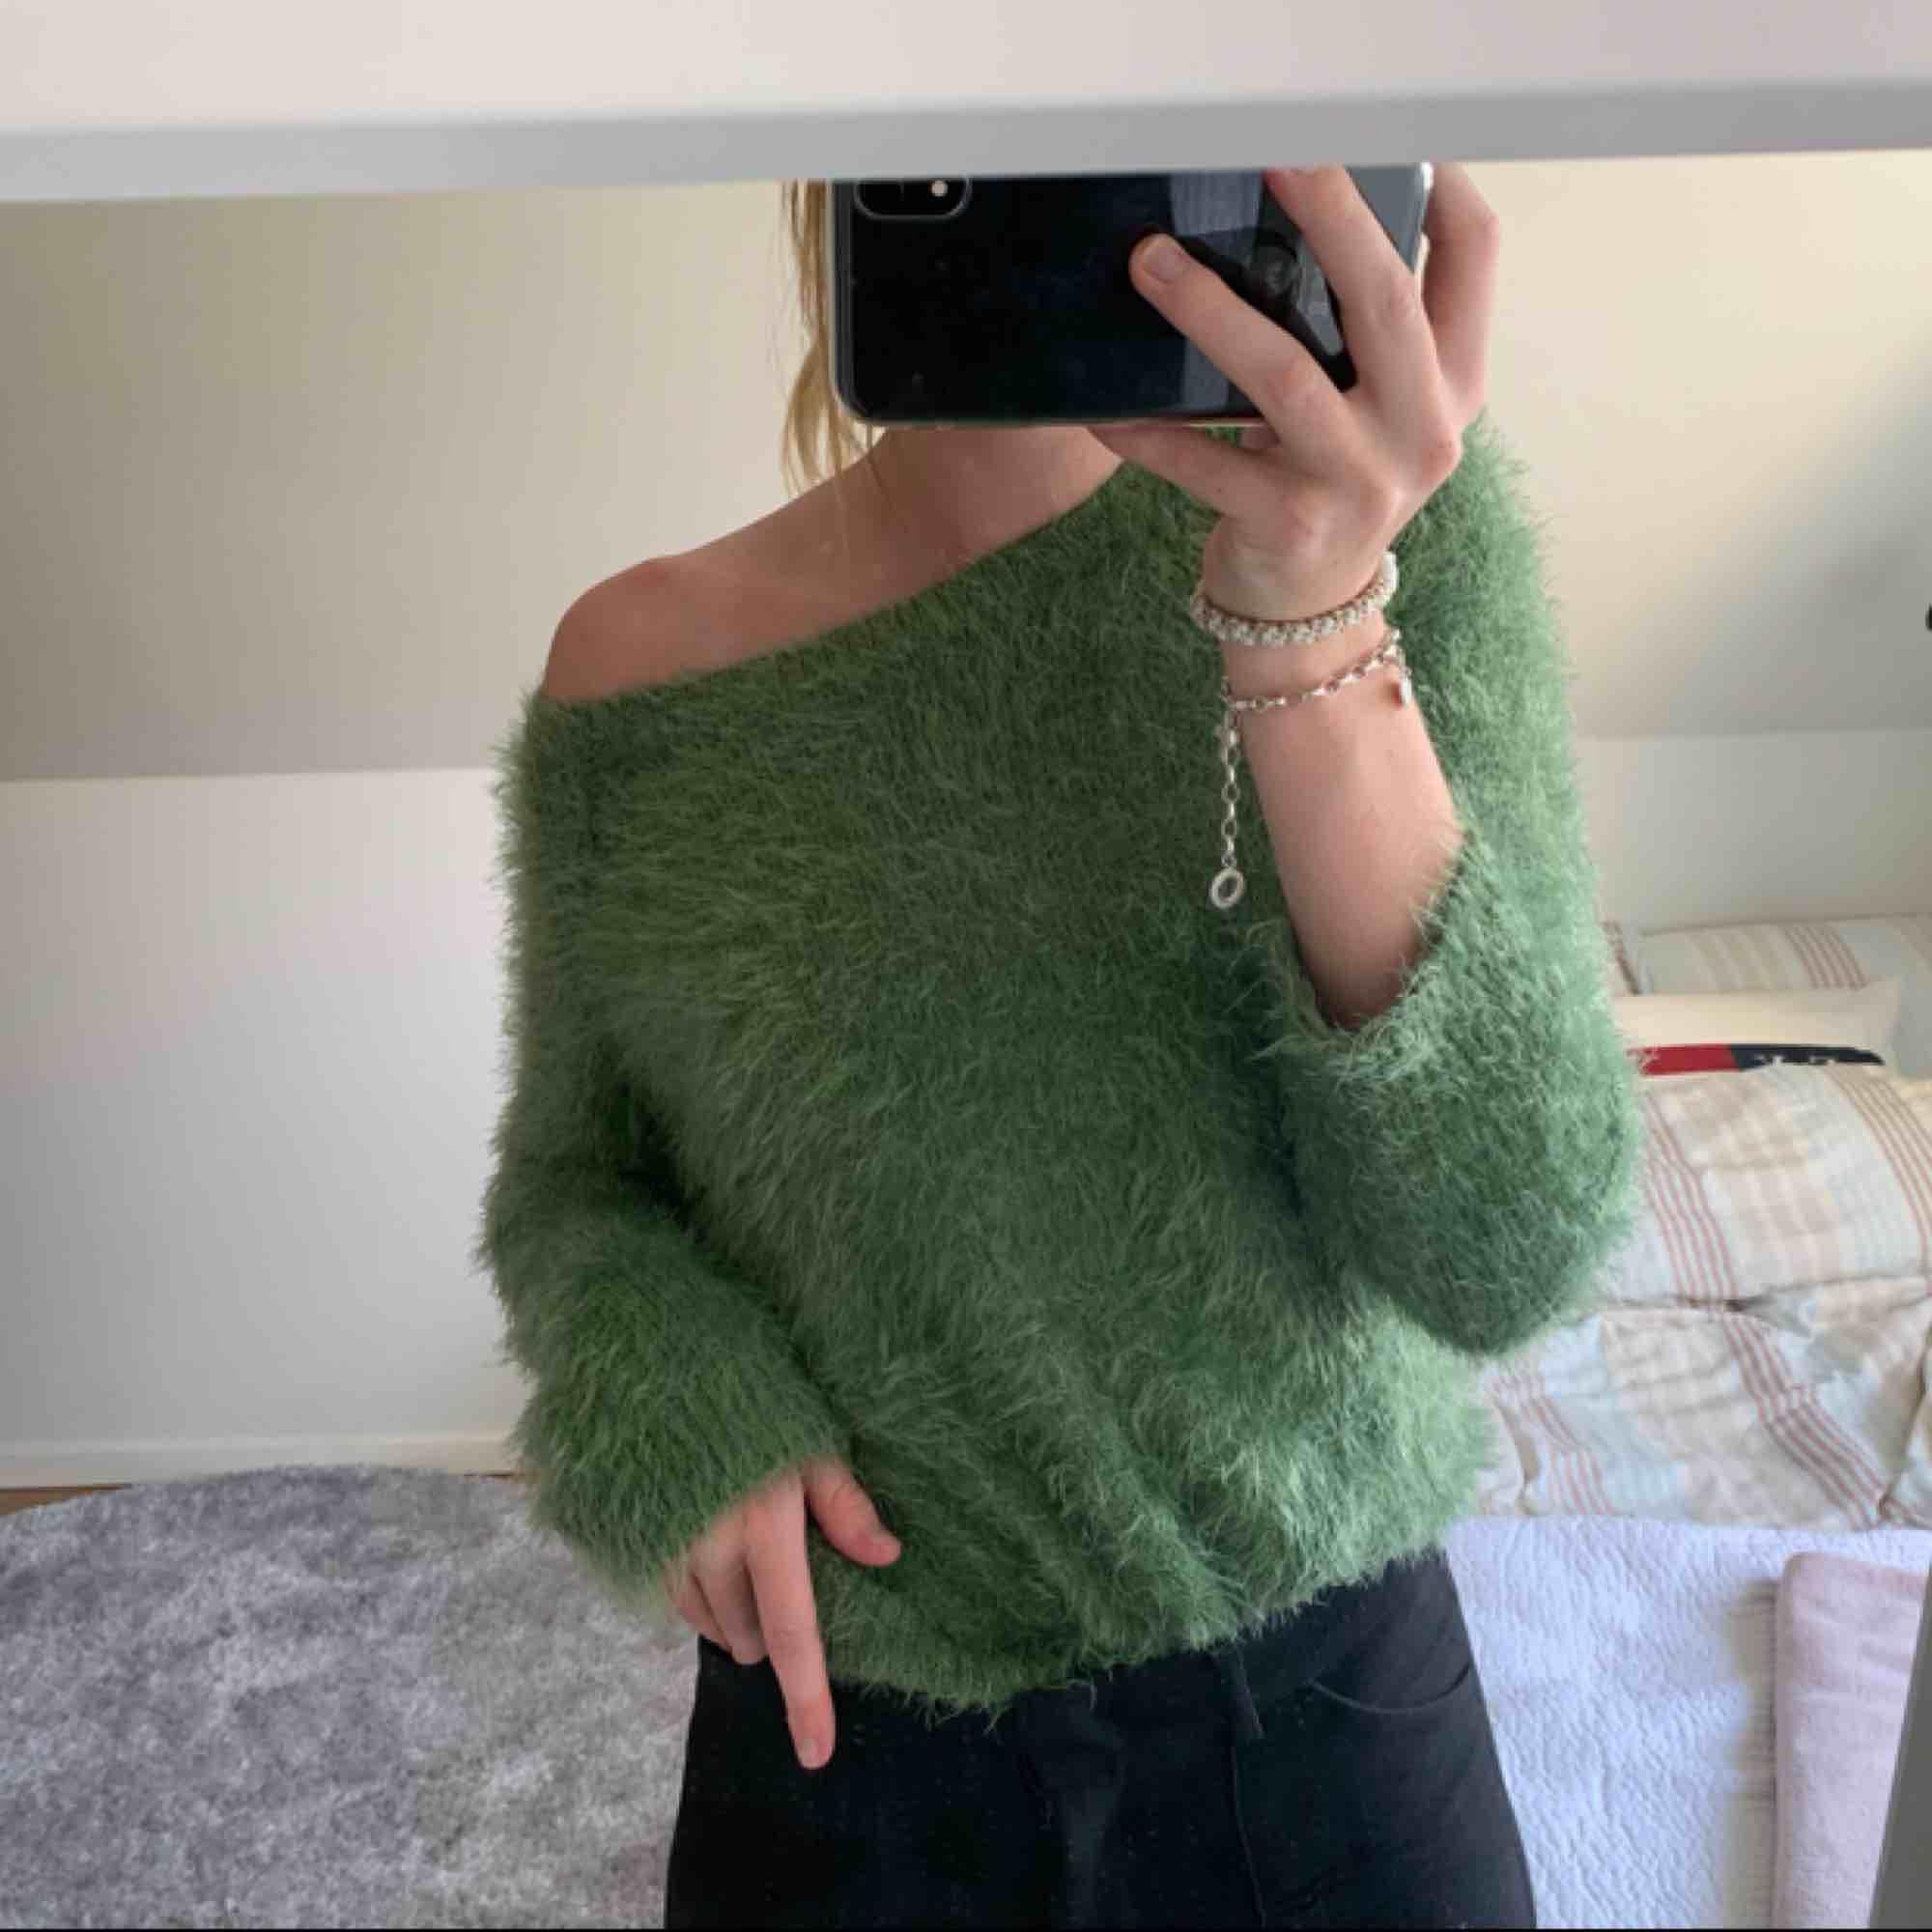 Grön, mjuk tröja ifrån Zara. Helt oanvänd, ganska liten i storleken. Nypris: 199kr. Tröjor & Koftor.